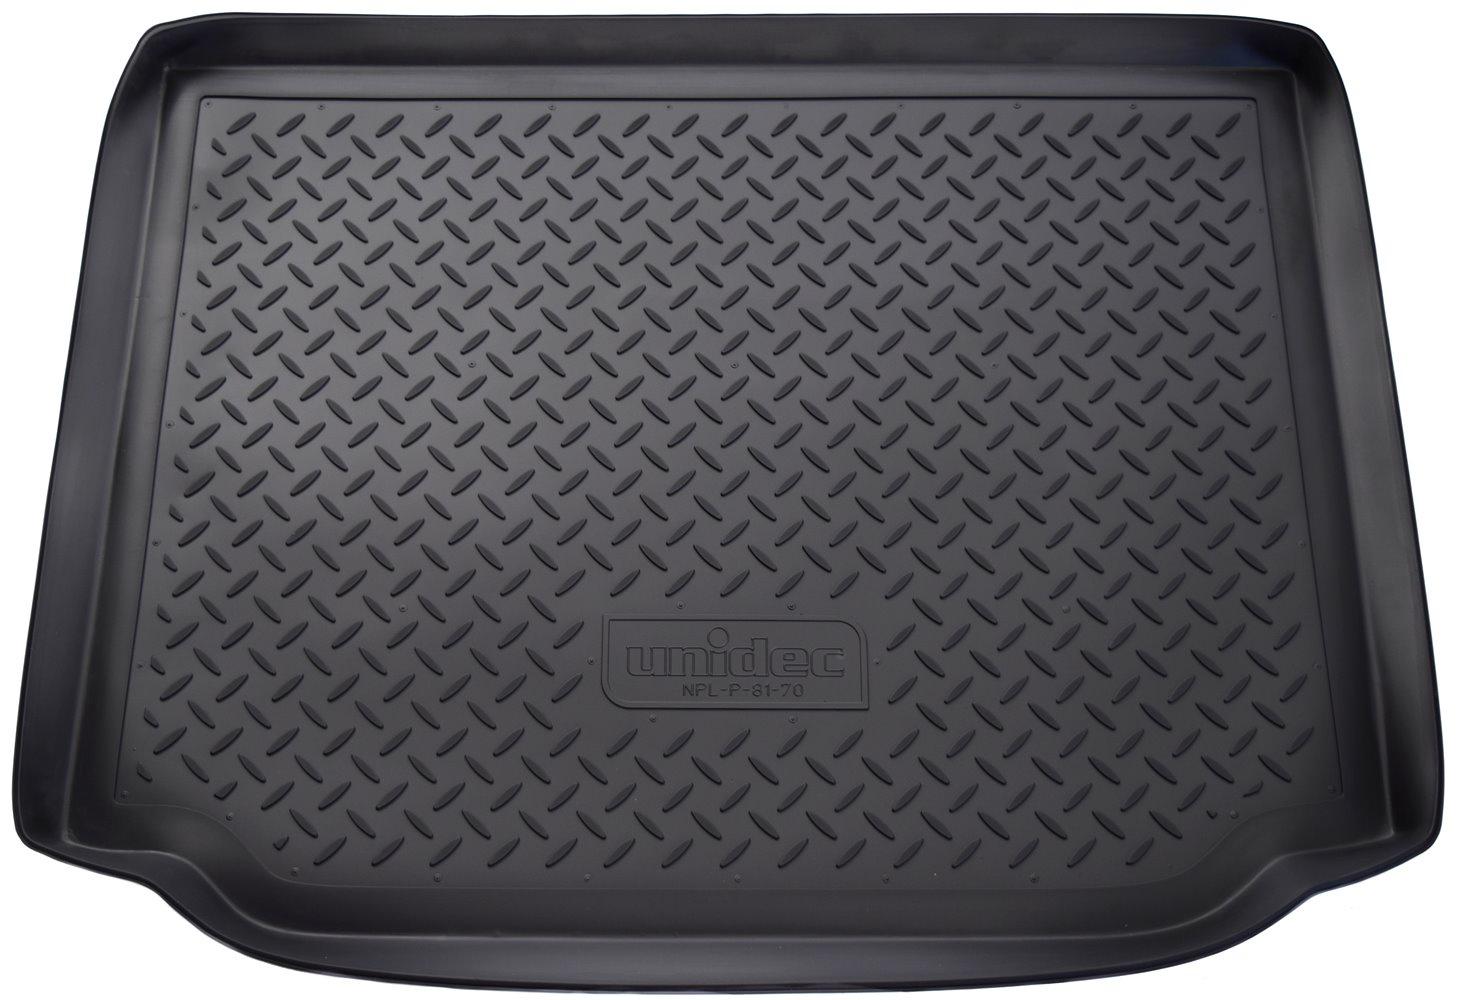 Коврик багажника для Skoda Roomster (5J) (2006)NPL-P-81-70Точное прилегание Без неприятного запаха Высокие бортики Не скользятПодходит на:SKODA Roomster 2010-2015SKODA Roomster 2006-2010Полиуретановые автомобильные коврики фирмы «Норпласт» надежно защищают обшивку салона и багажника от влаги и загрязнений. Это высококачественное изделие, которое гарантированно прослужит длительный срок. Каждый комплект ковриков производится индивидуально для определённой модели автомобиля. На этапе разработки изделий применяется технология 3D сканирования салона, благодаря чему, каждый коврик имеет оригинальную форму, которая точно повторяет контур пола или багажного отделения автомобиля.